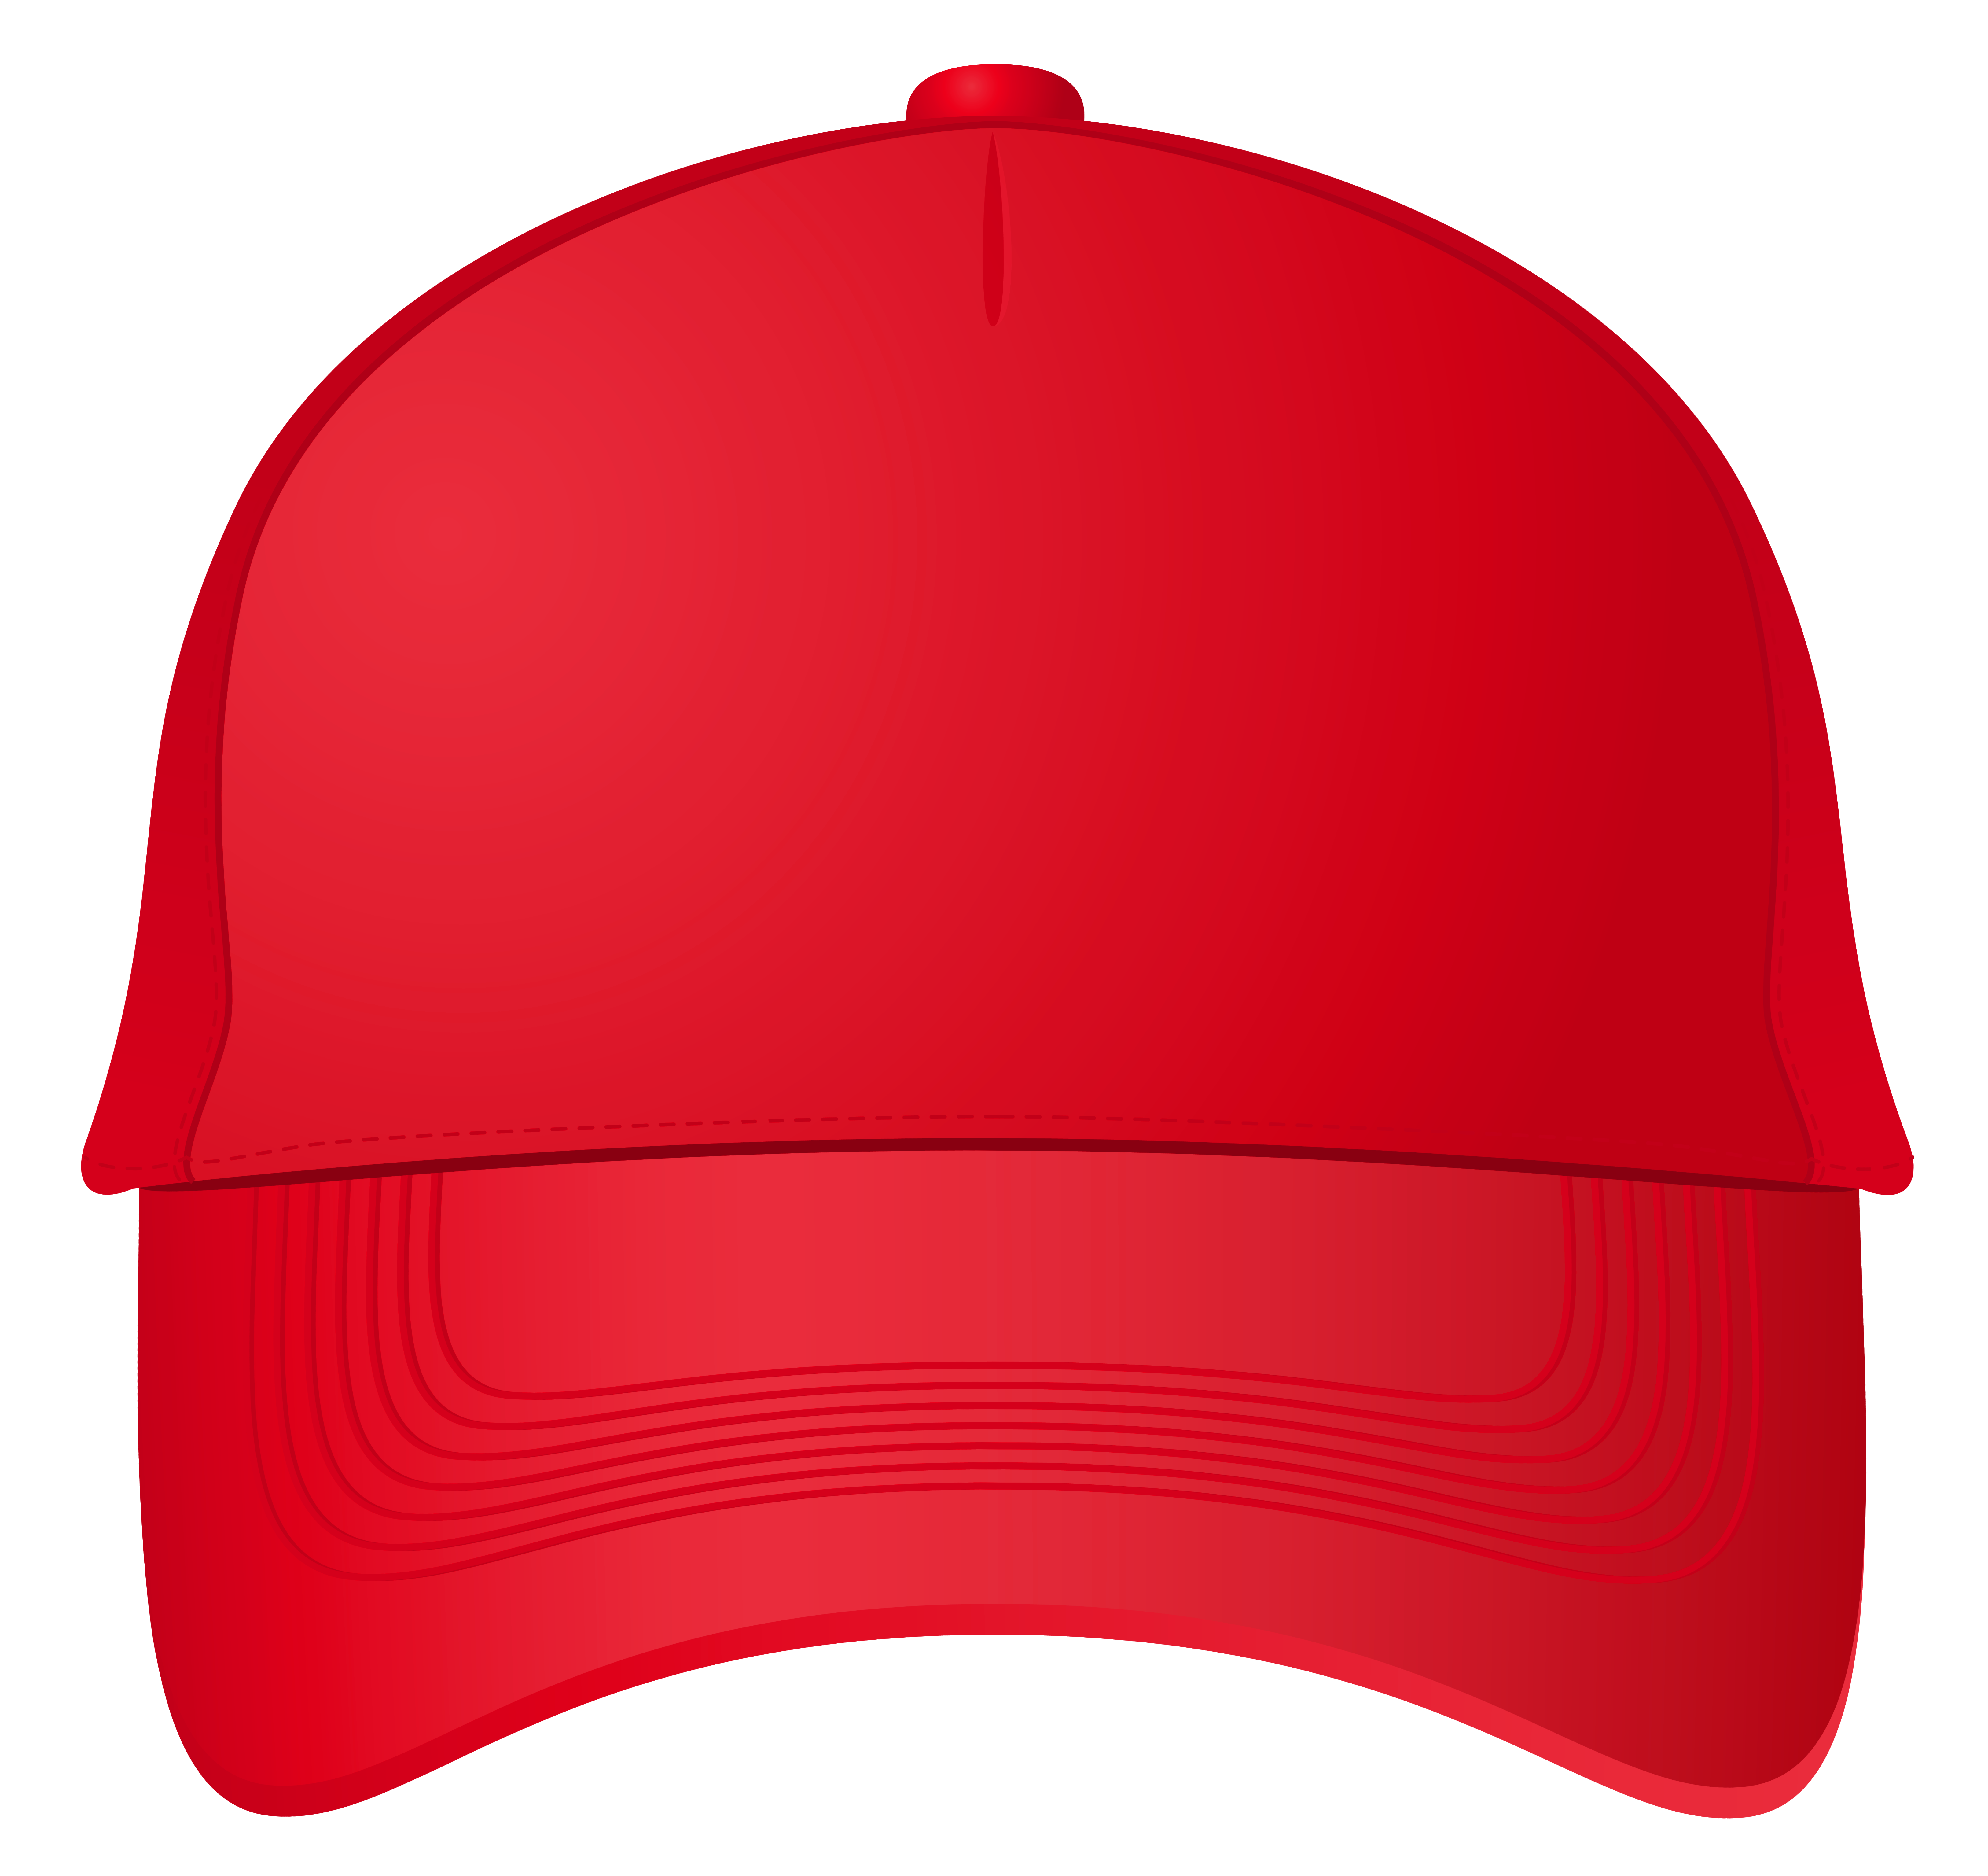 Red Baseball Cap Png image #35360 - Cap PNG